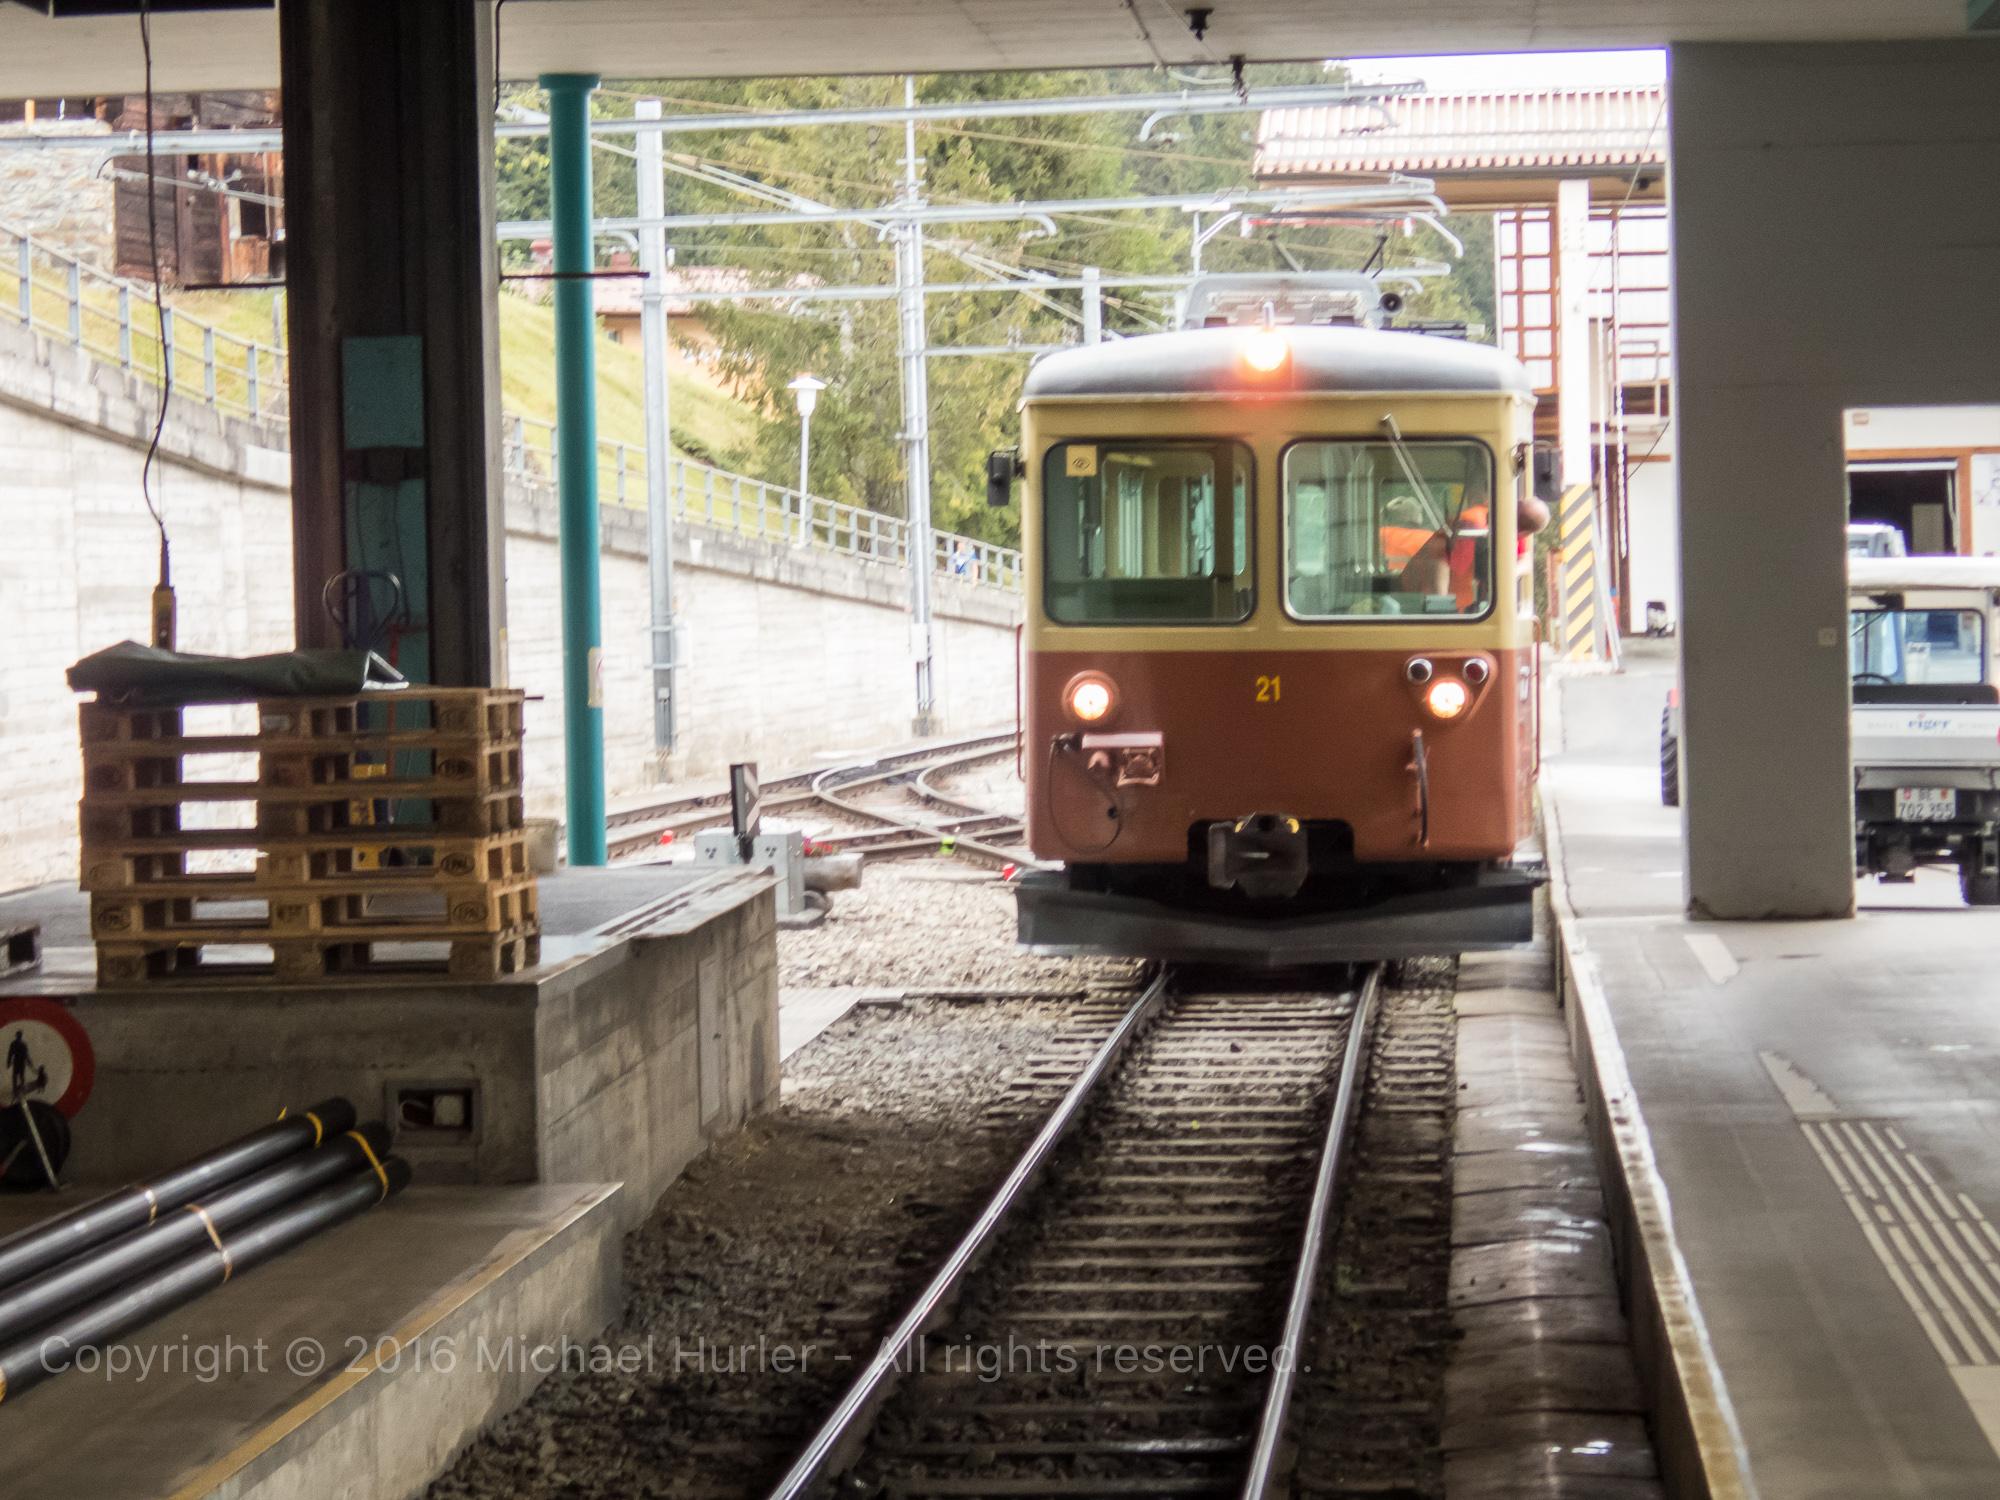 17.08.2016, Bärentrek - Von Mürren nach Kandersteg, Ankunft am Bahnhof in Mürren